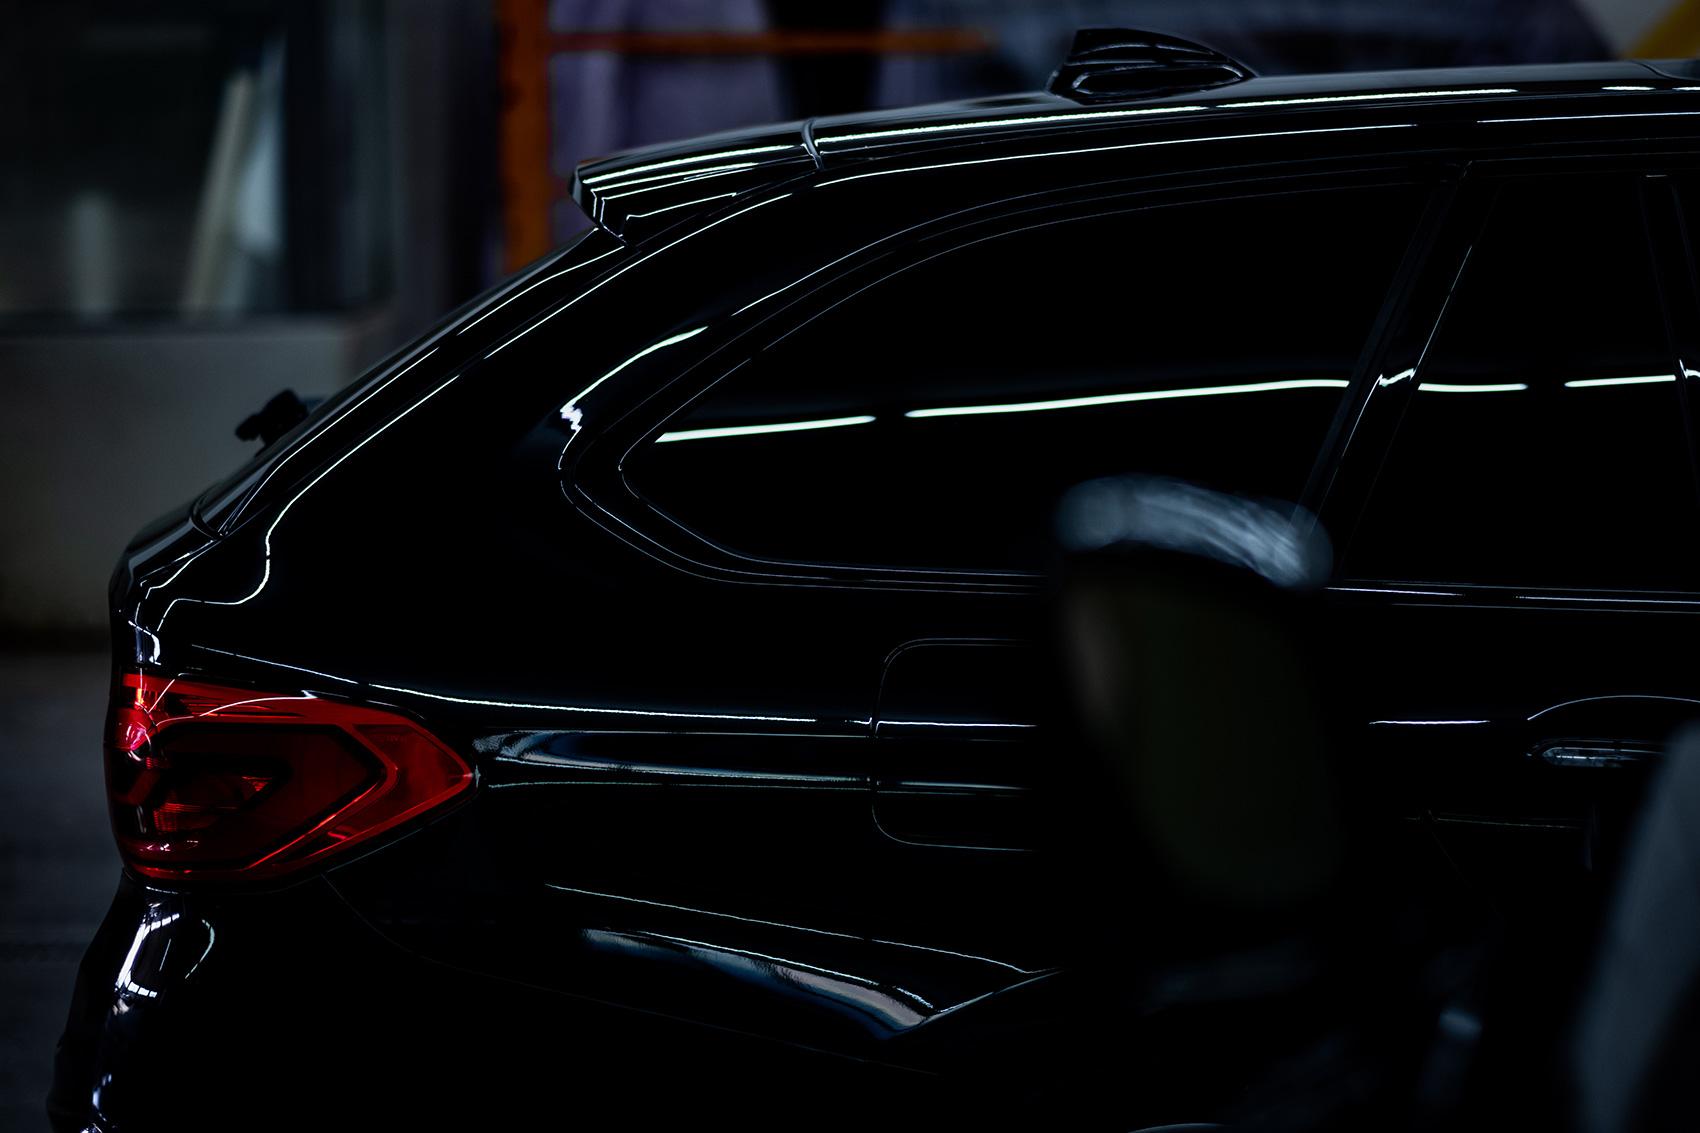 Lacktechnik Schlager: Wir lackieren Ihr Auto